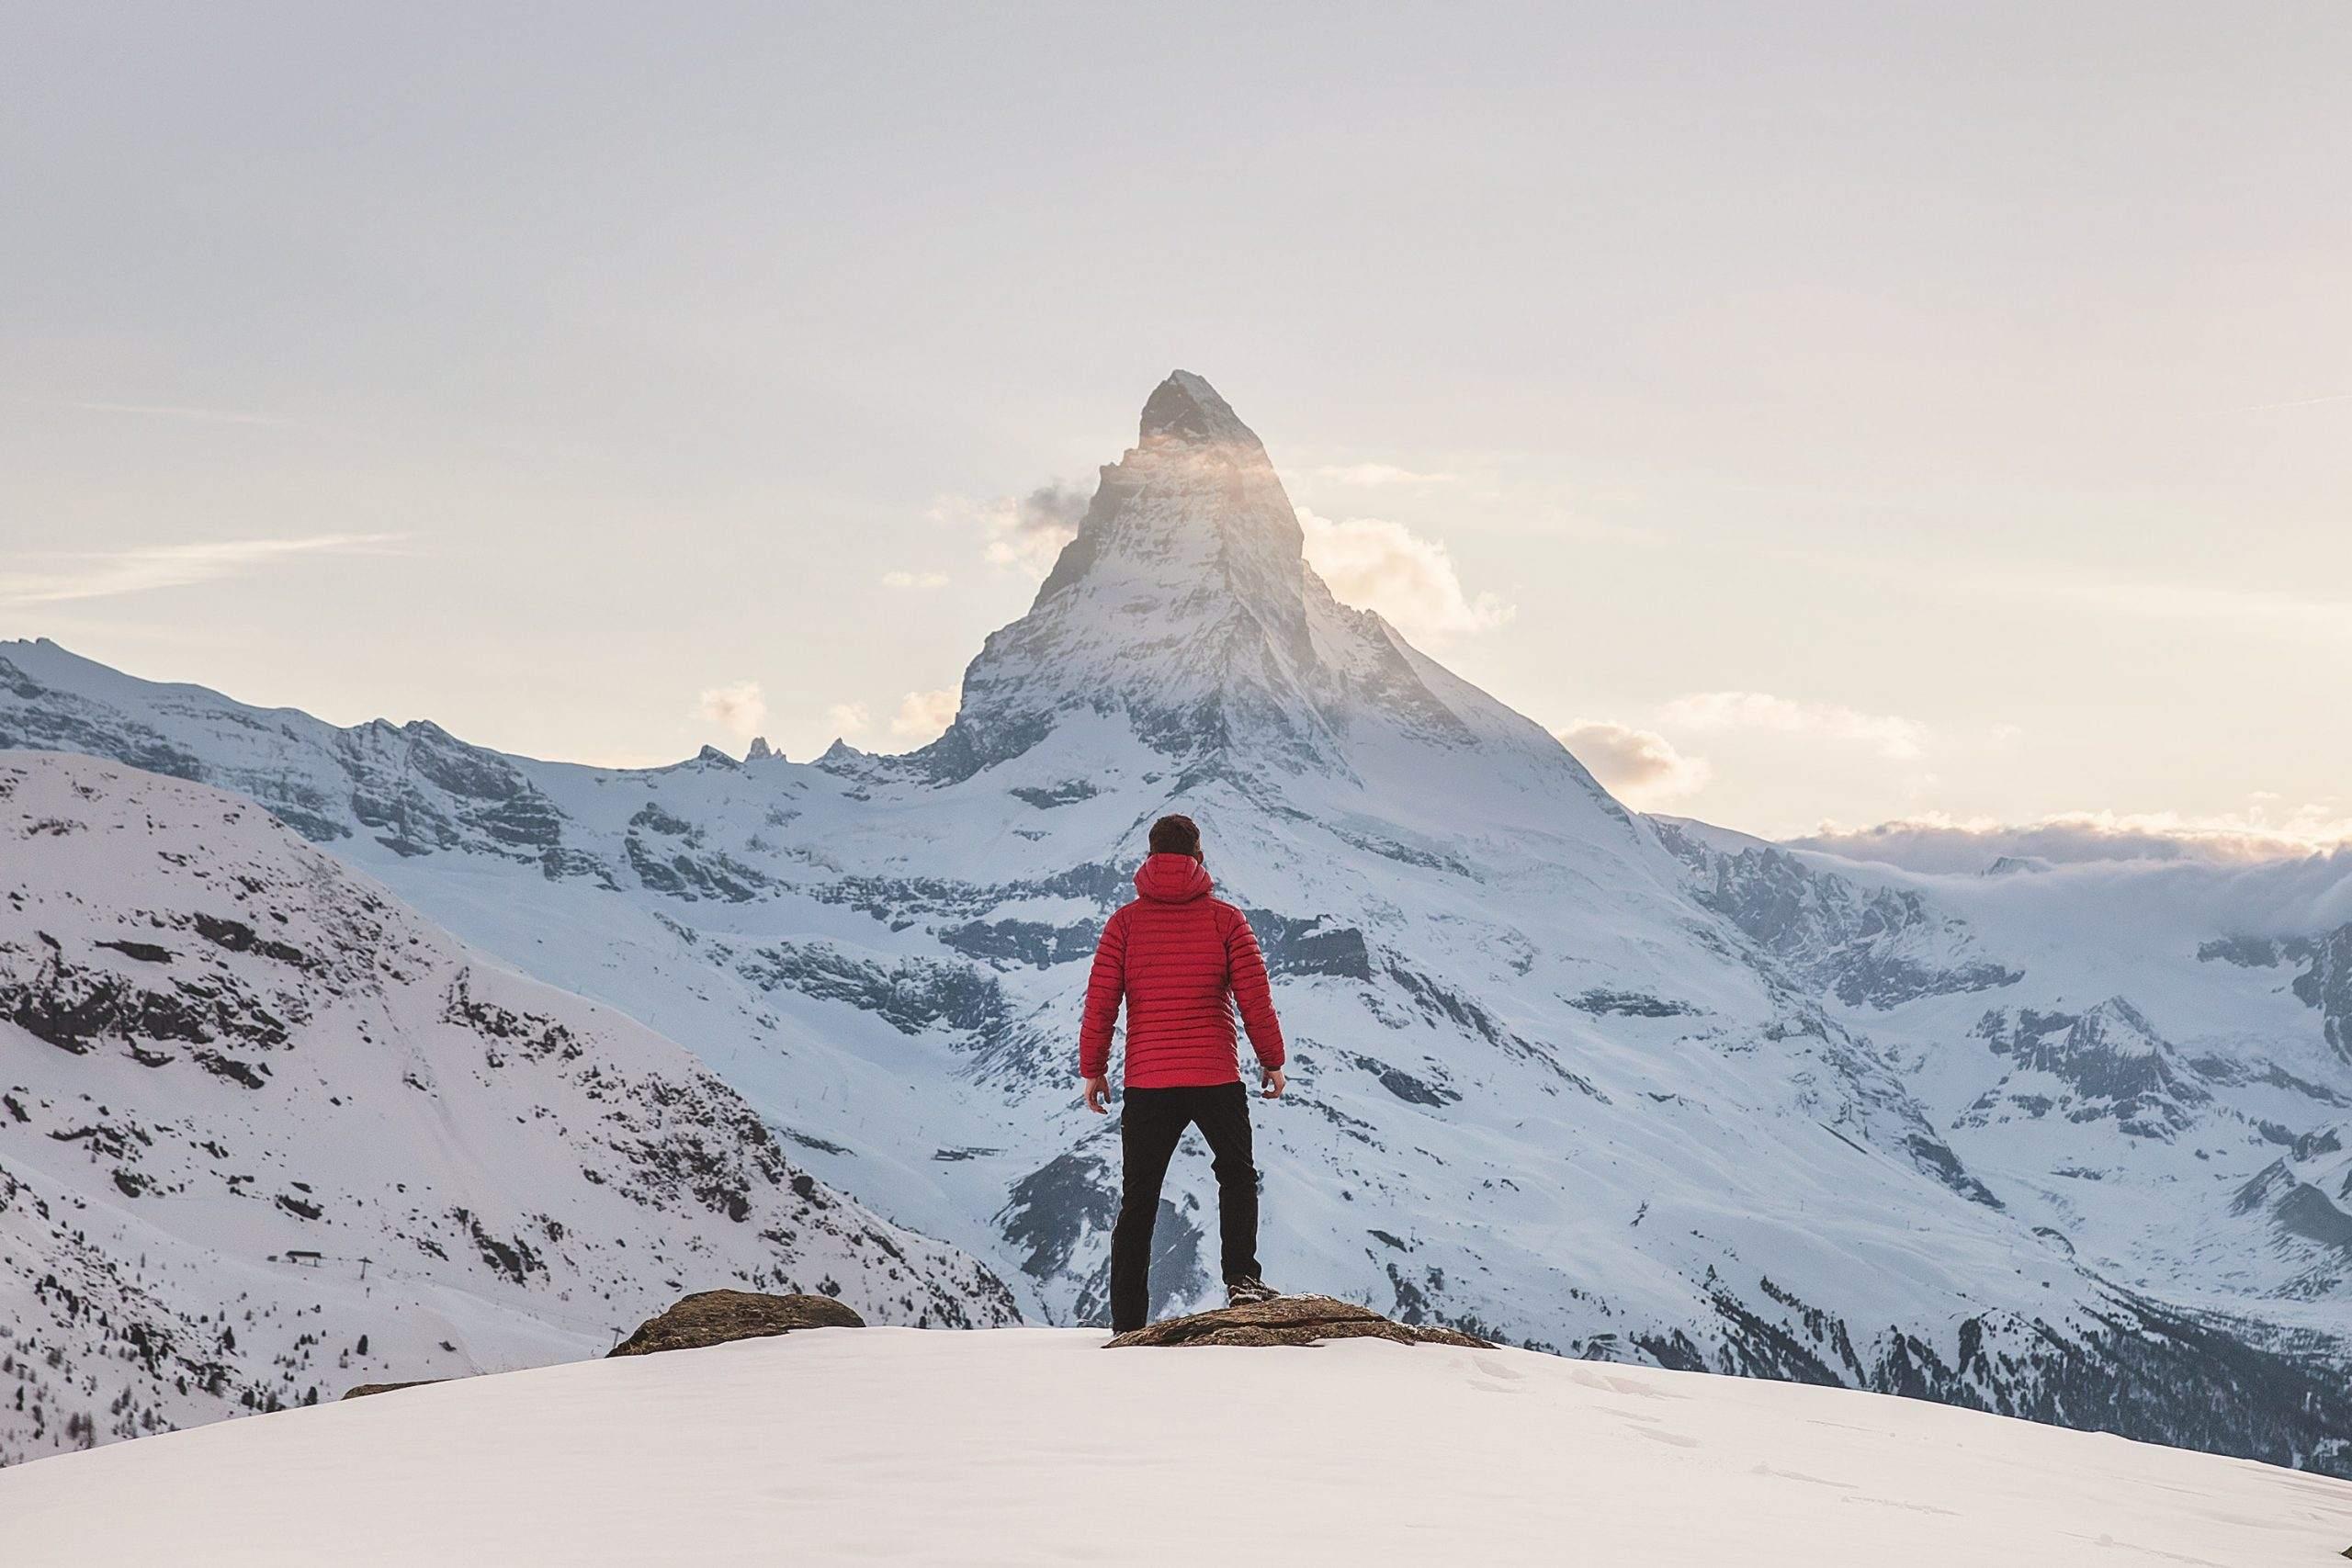 Rauf zur Bergspitze - Symbolbild für weiteren Anstieg im Dax